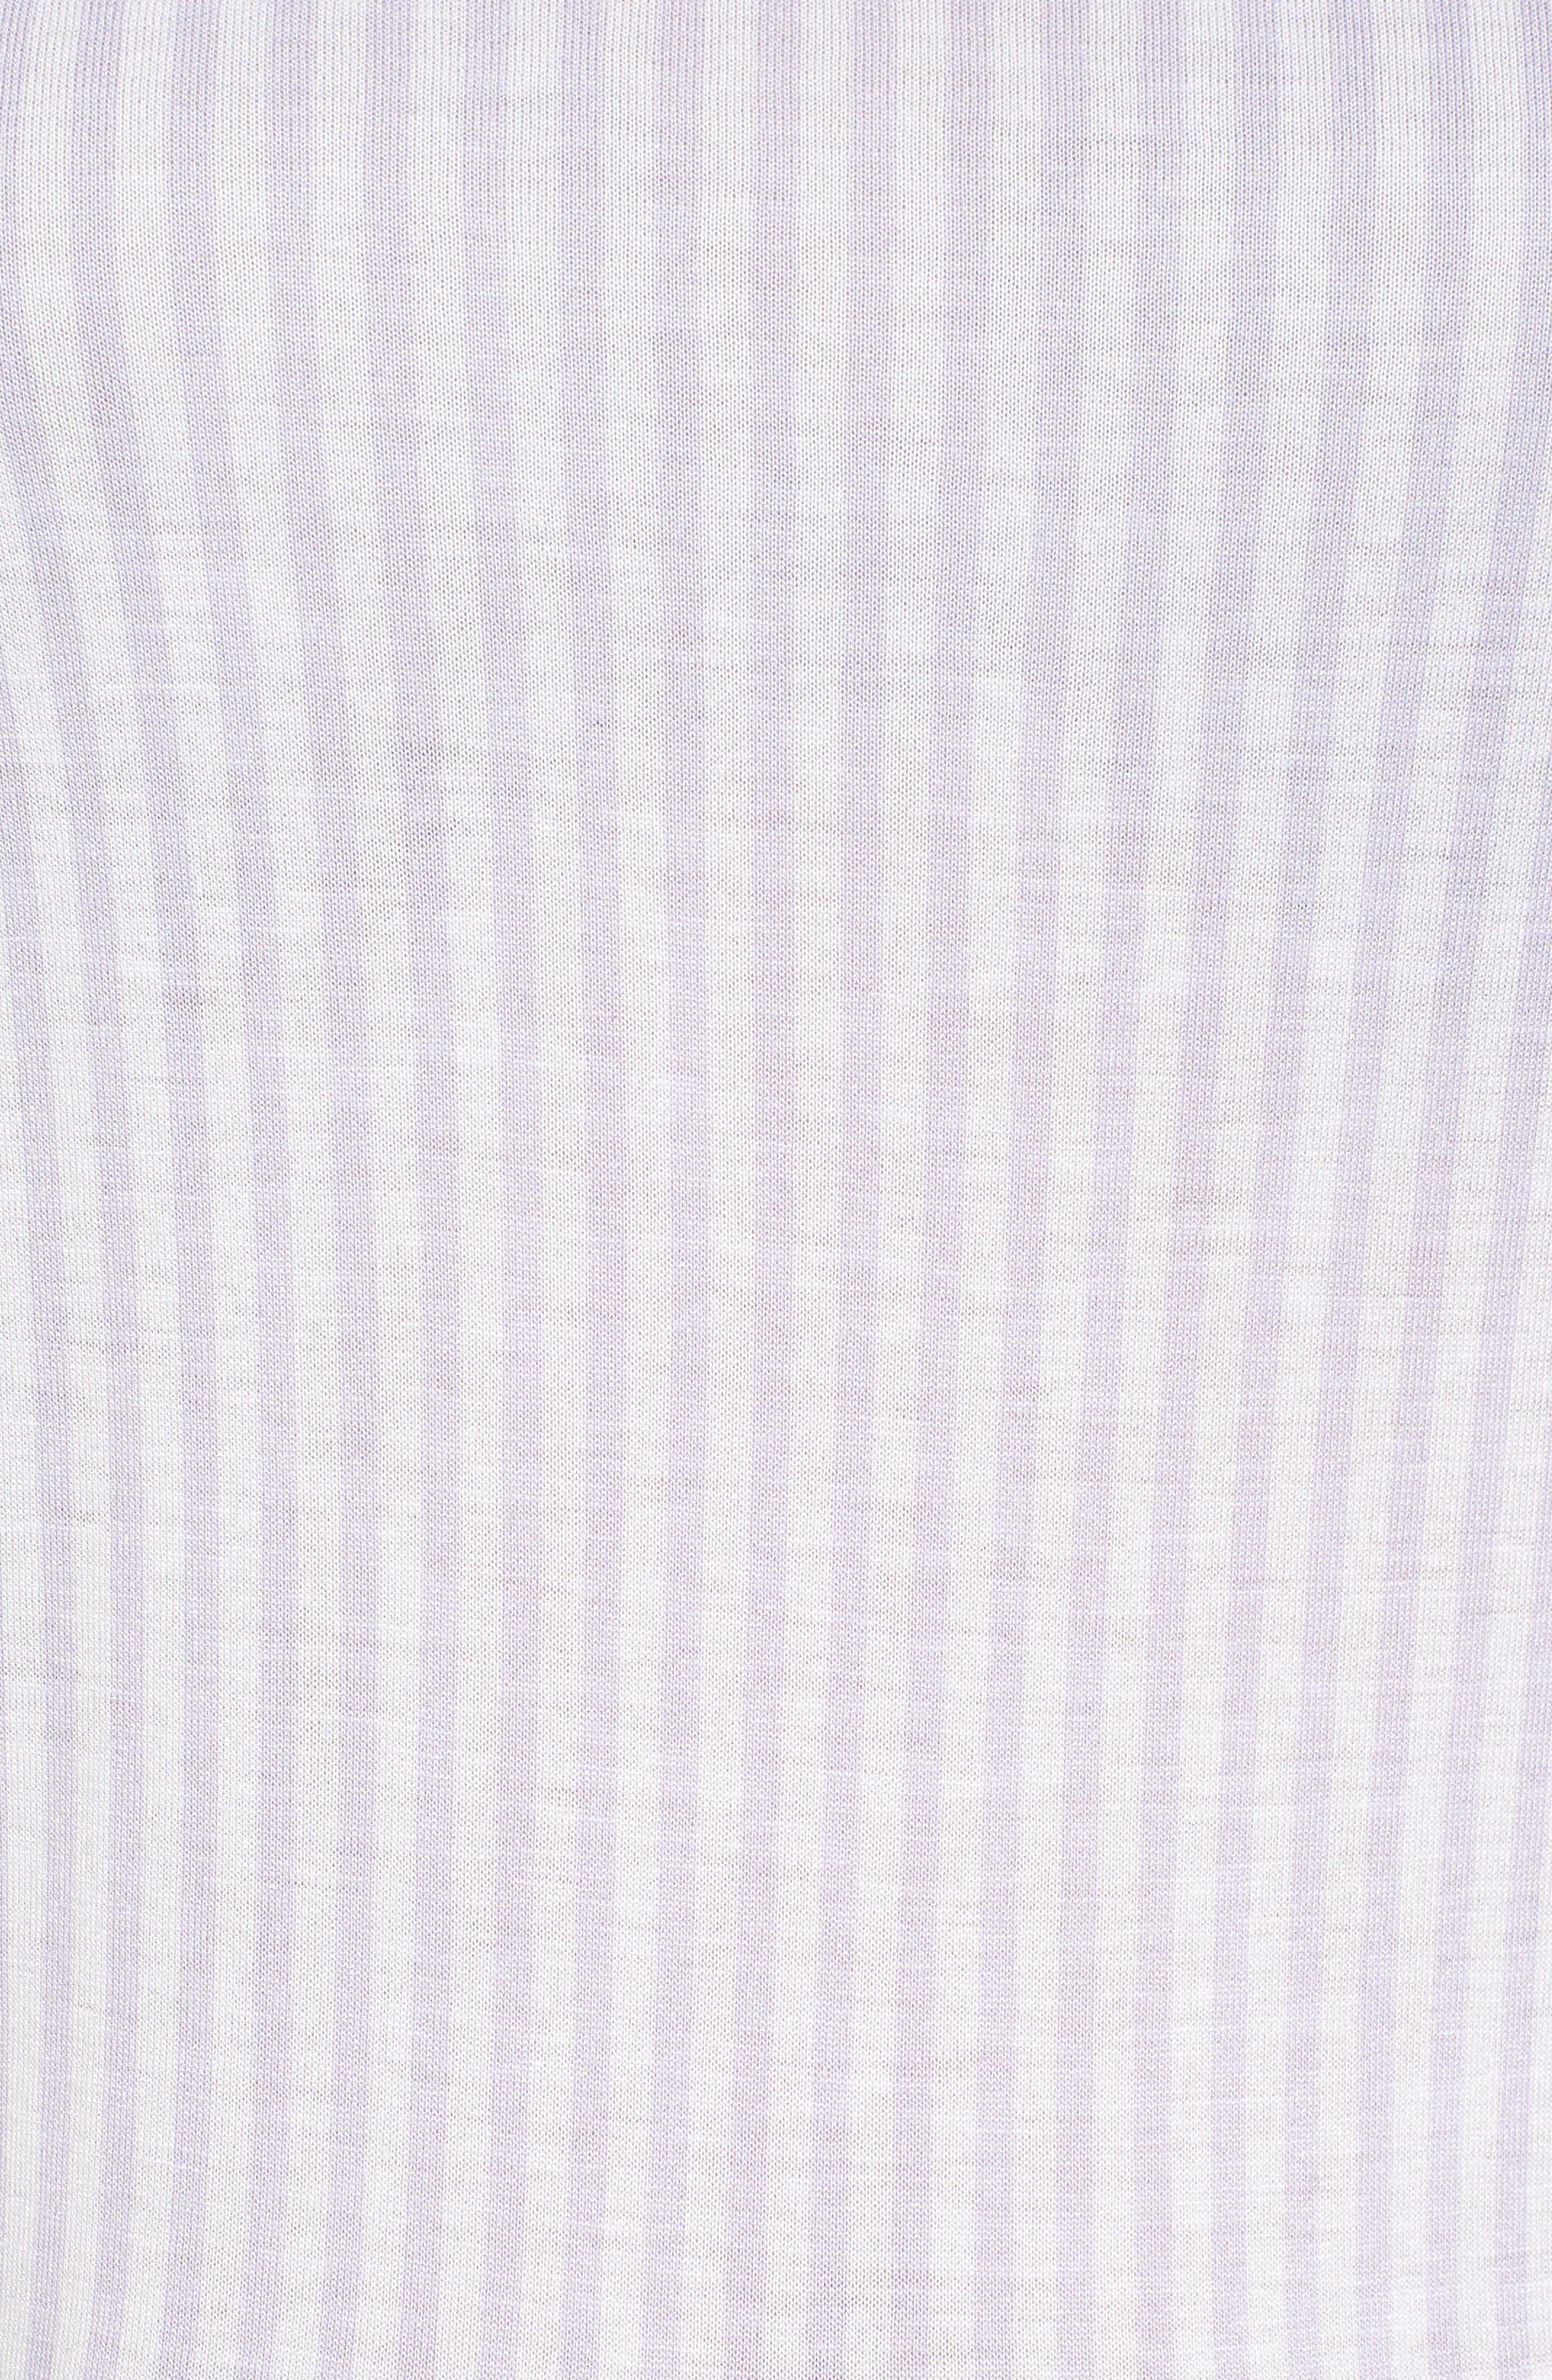 Stripe Layered Hem Top,                             Alternate thumbnail 5, color,                             Light Quartz/ White